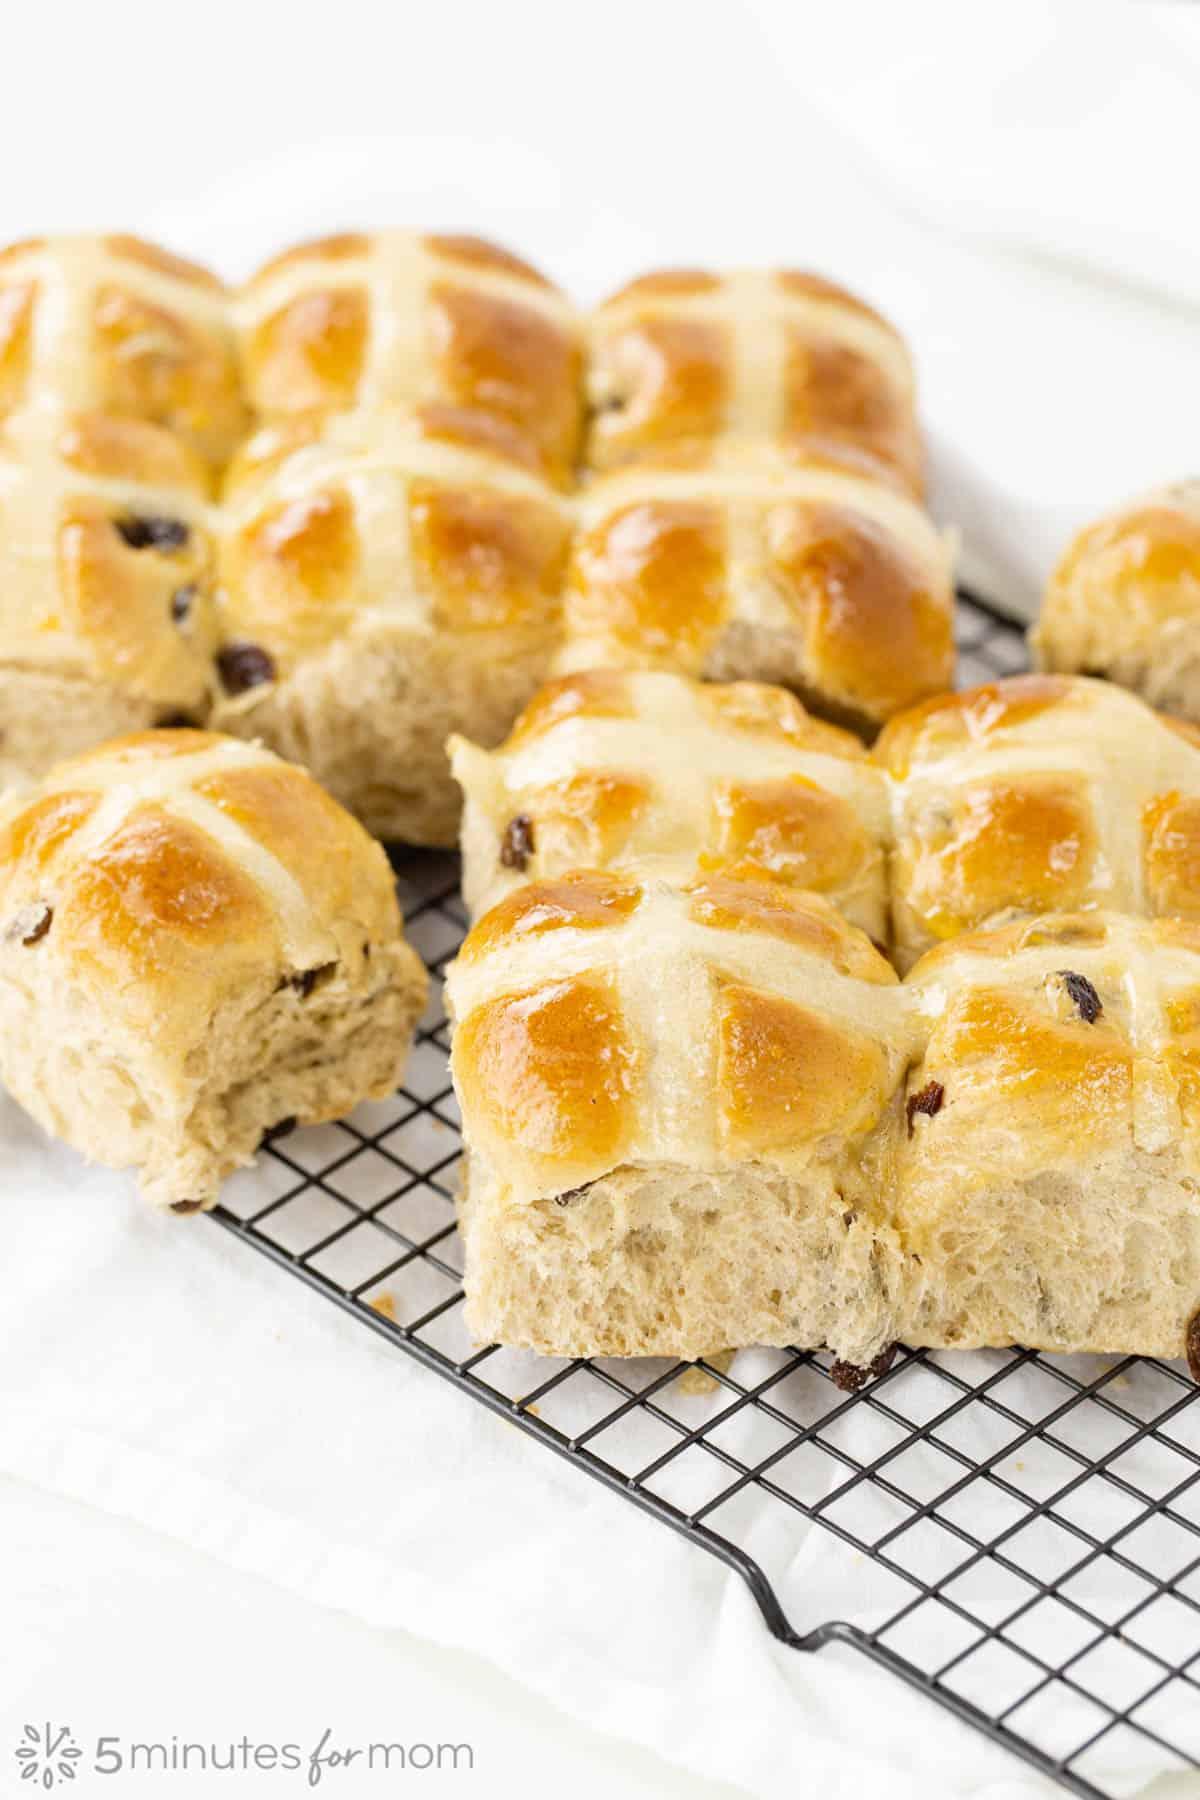 a batch of fresh fluffy homemade Hot Cross Buns